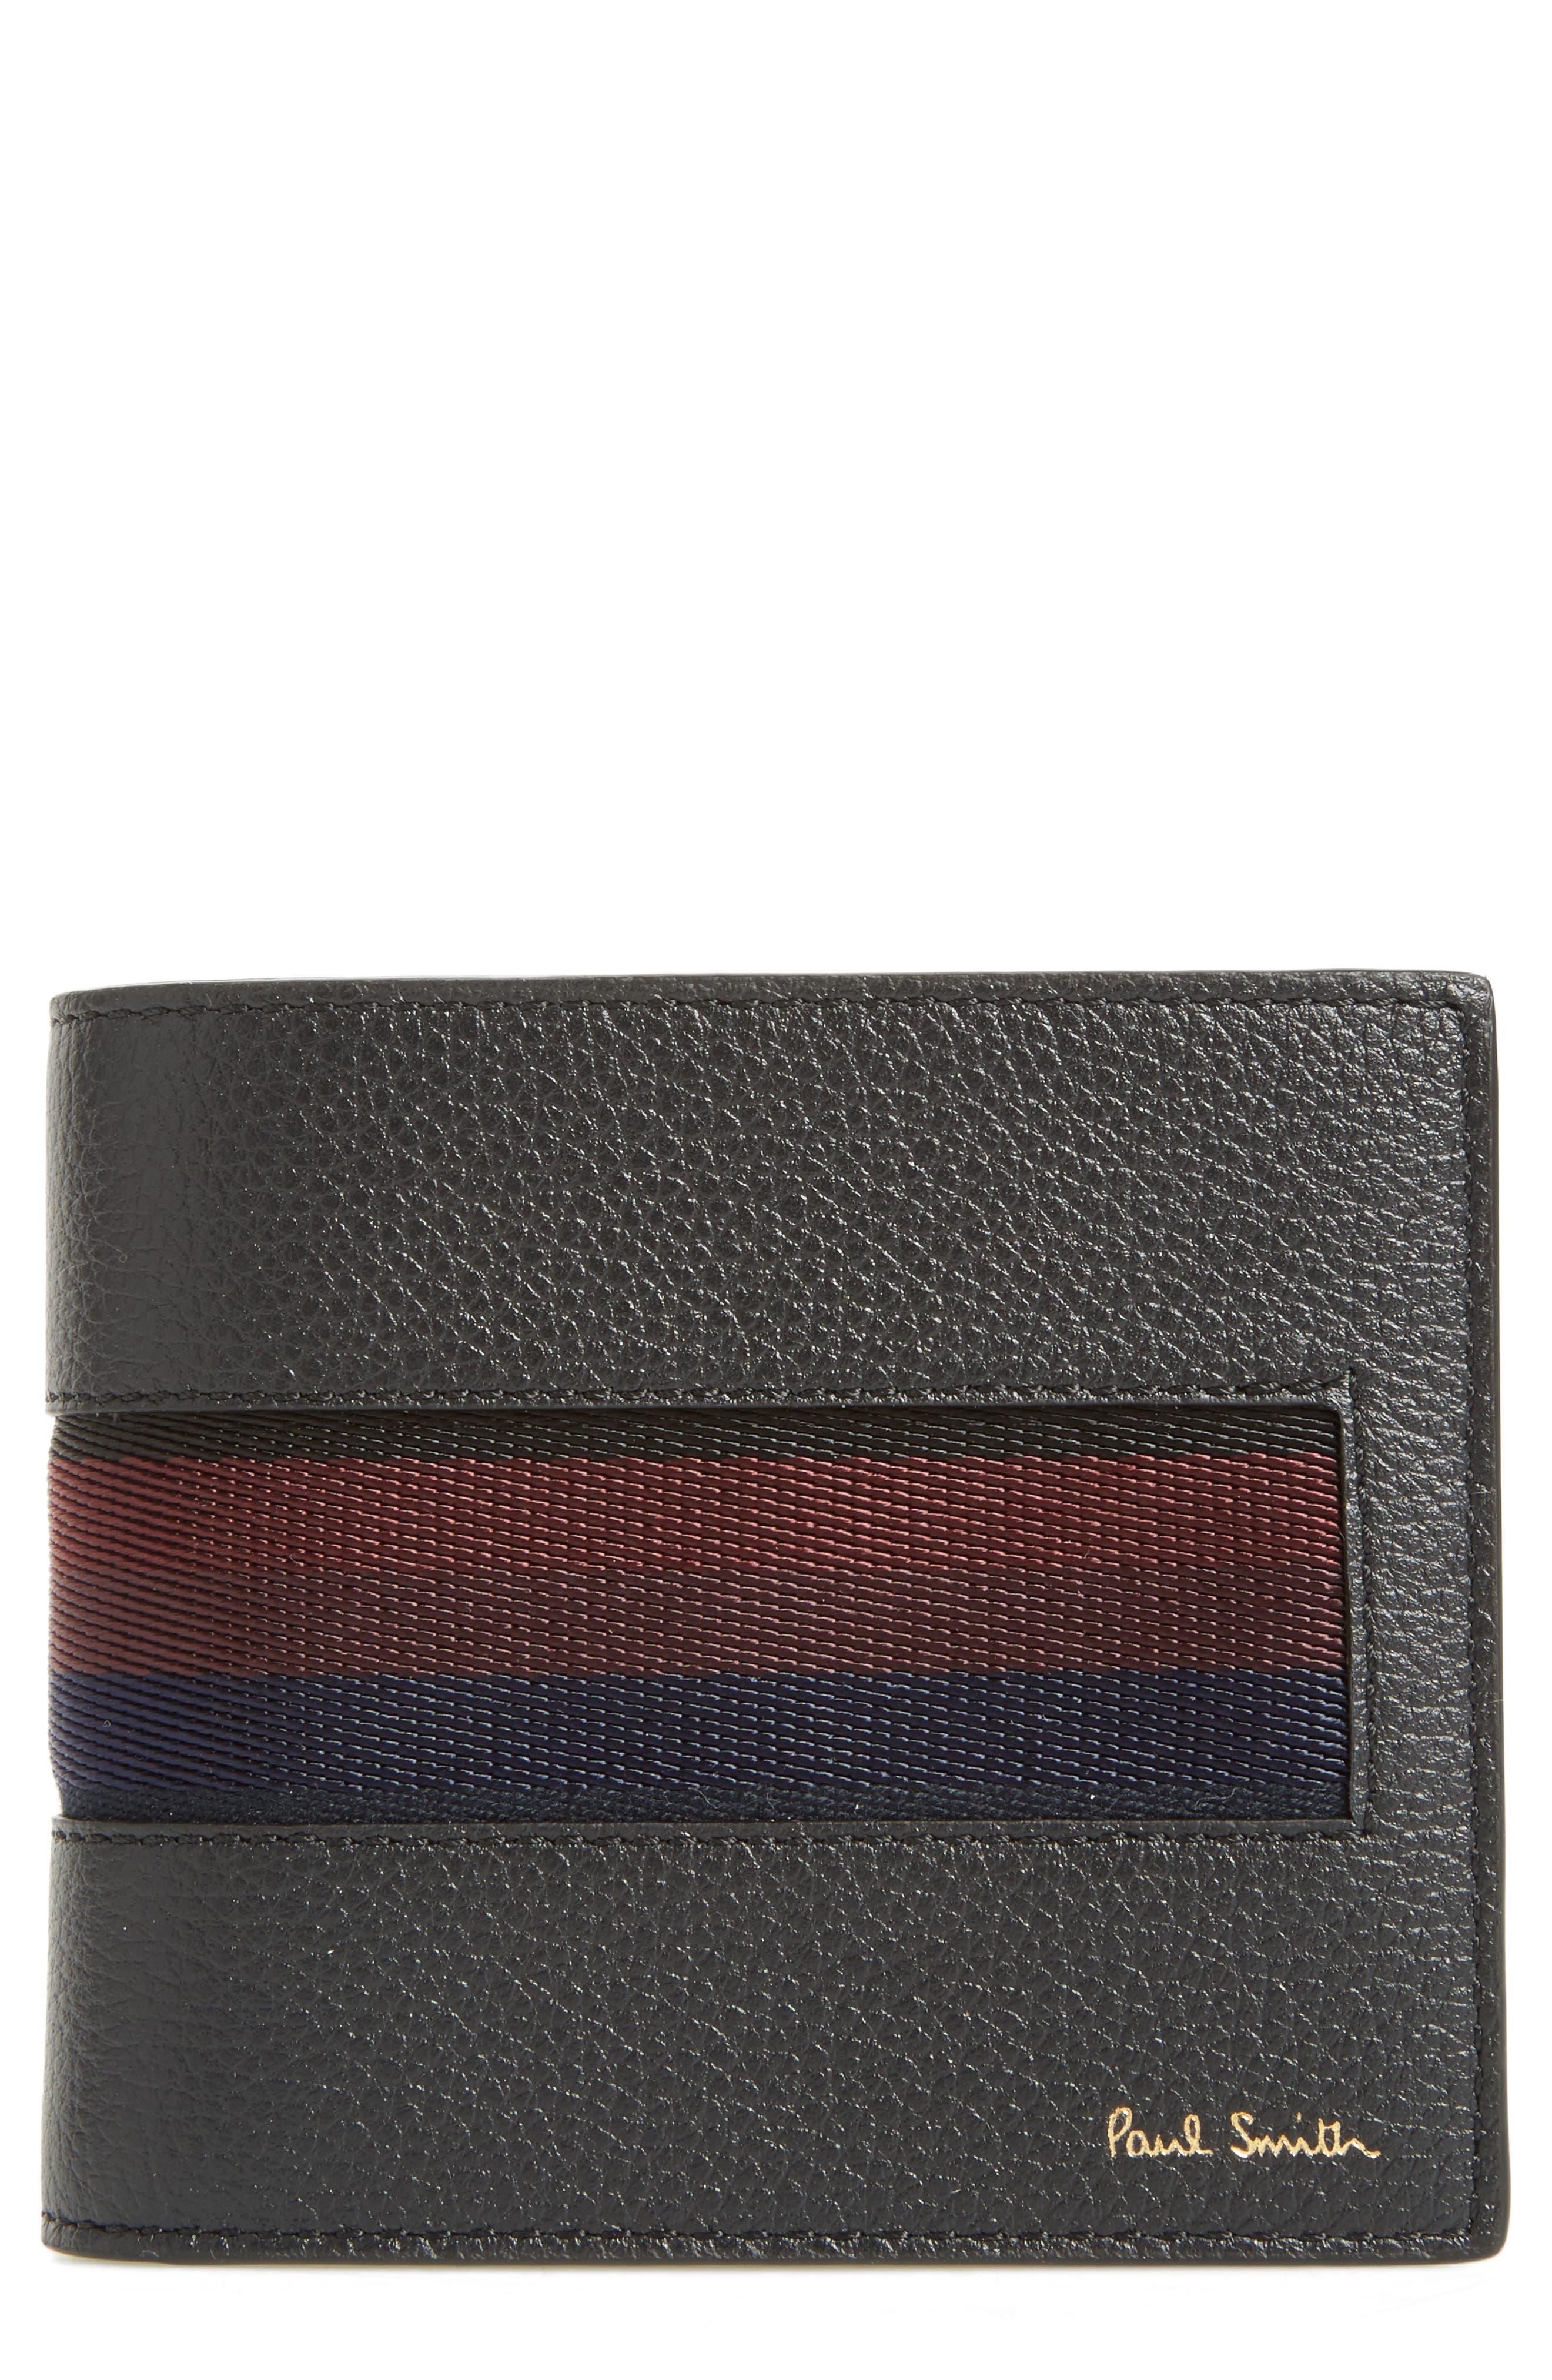 Paul Smith Stripe Webbing Leather Wallet